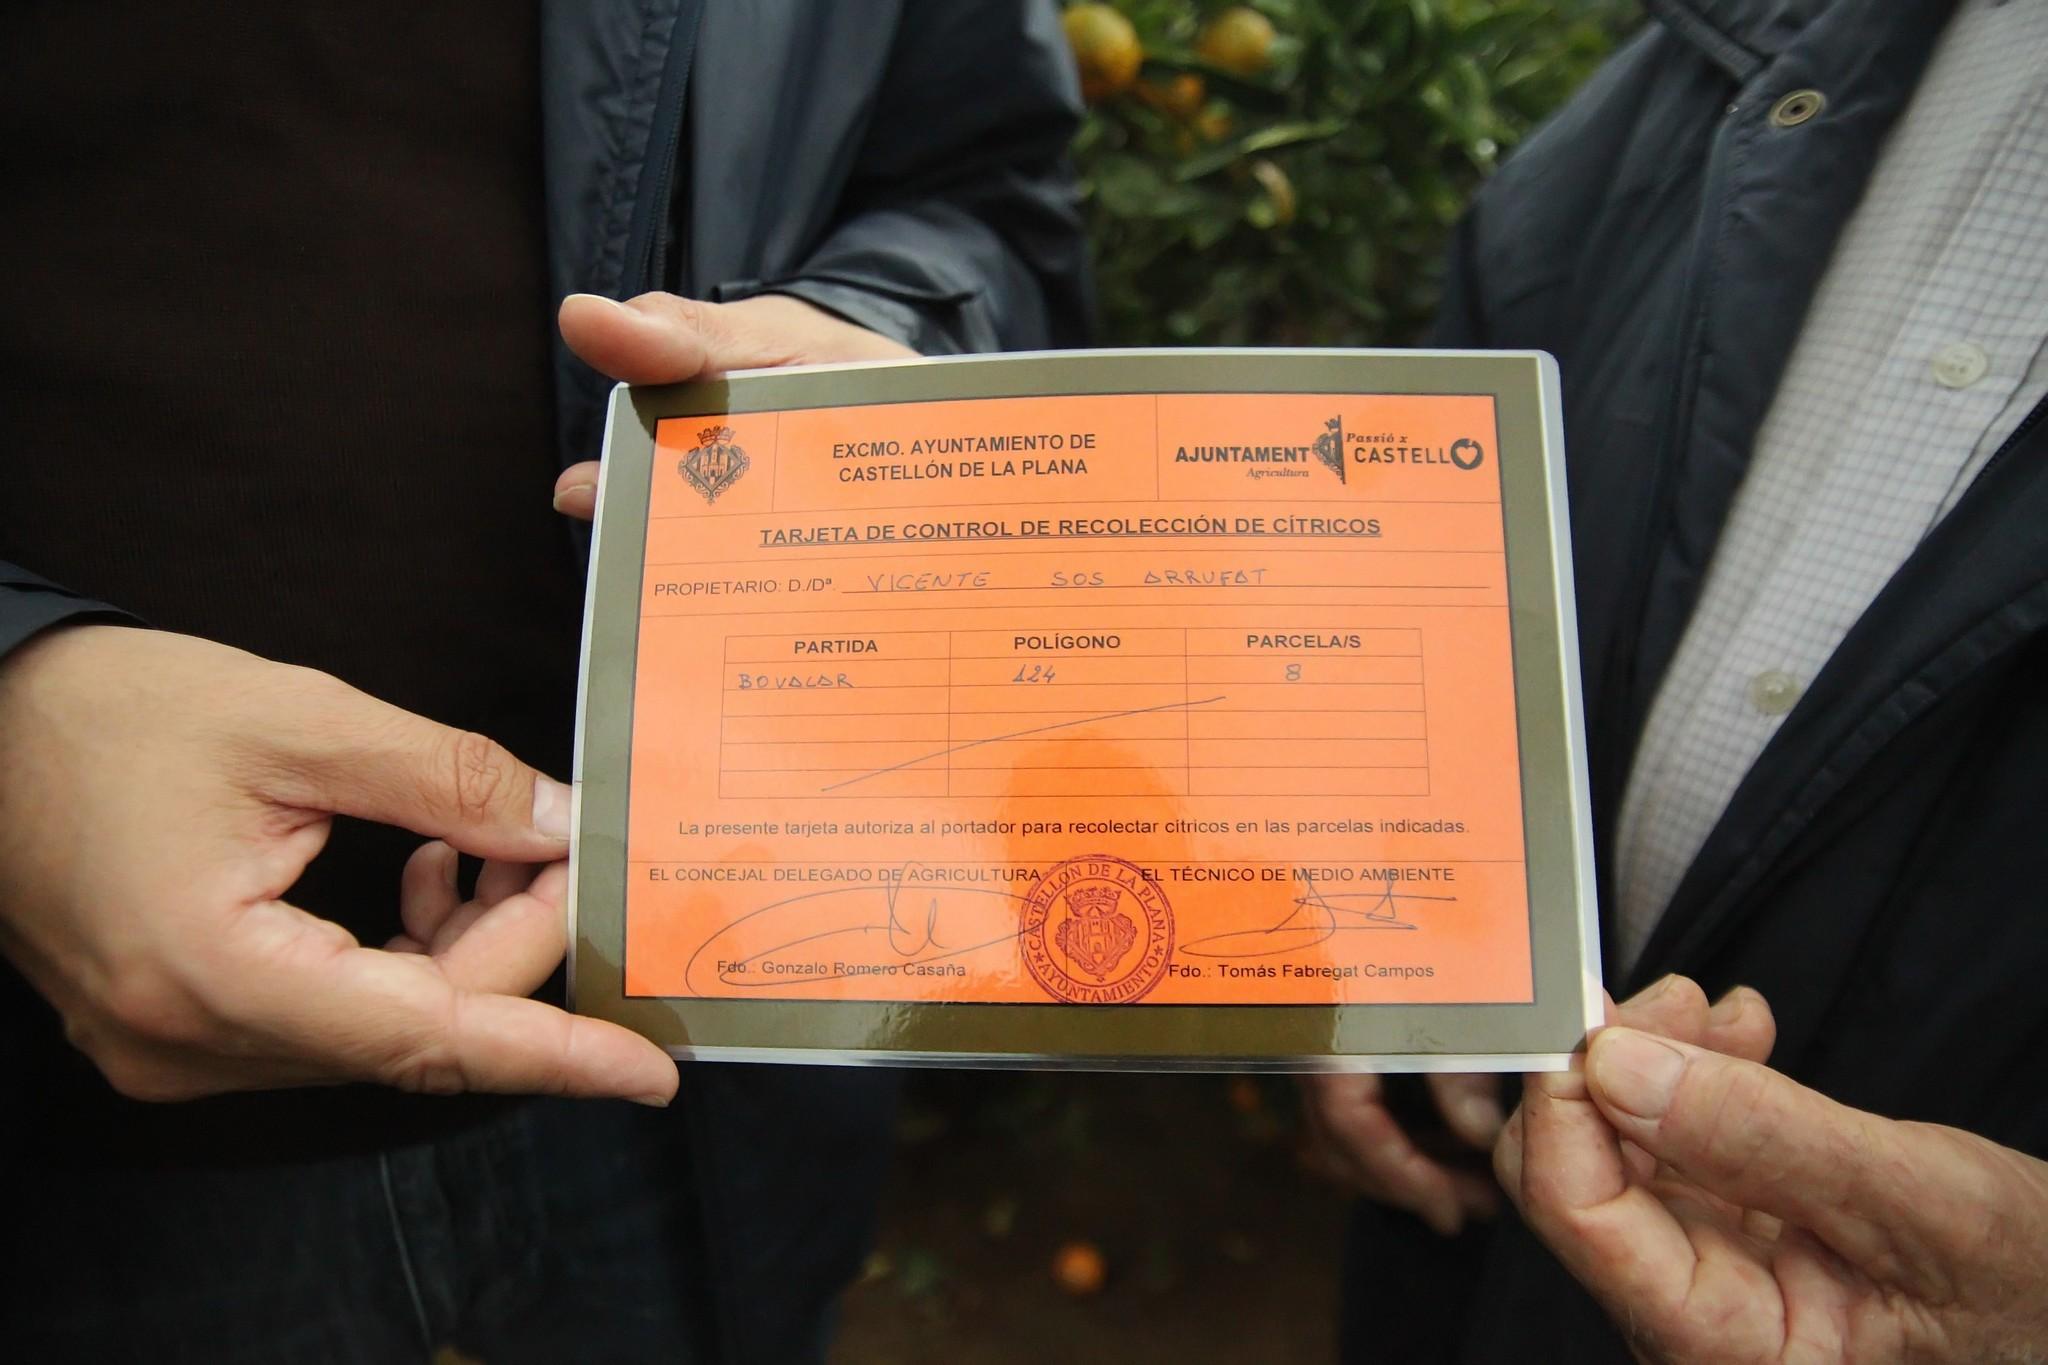 Tarjeta de recolección de cítricos expedida por el Ayuntamiento de Castellón.